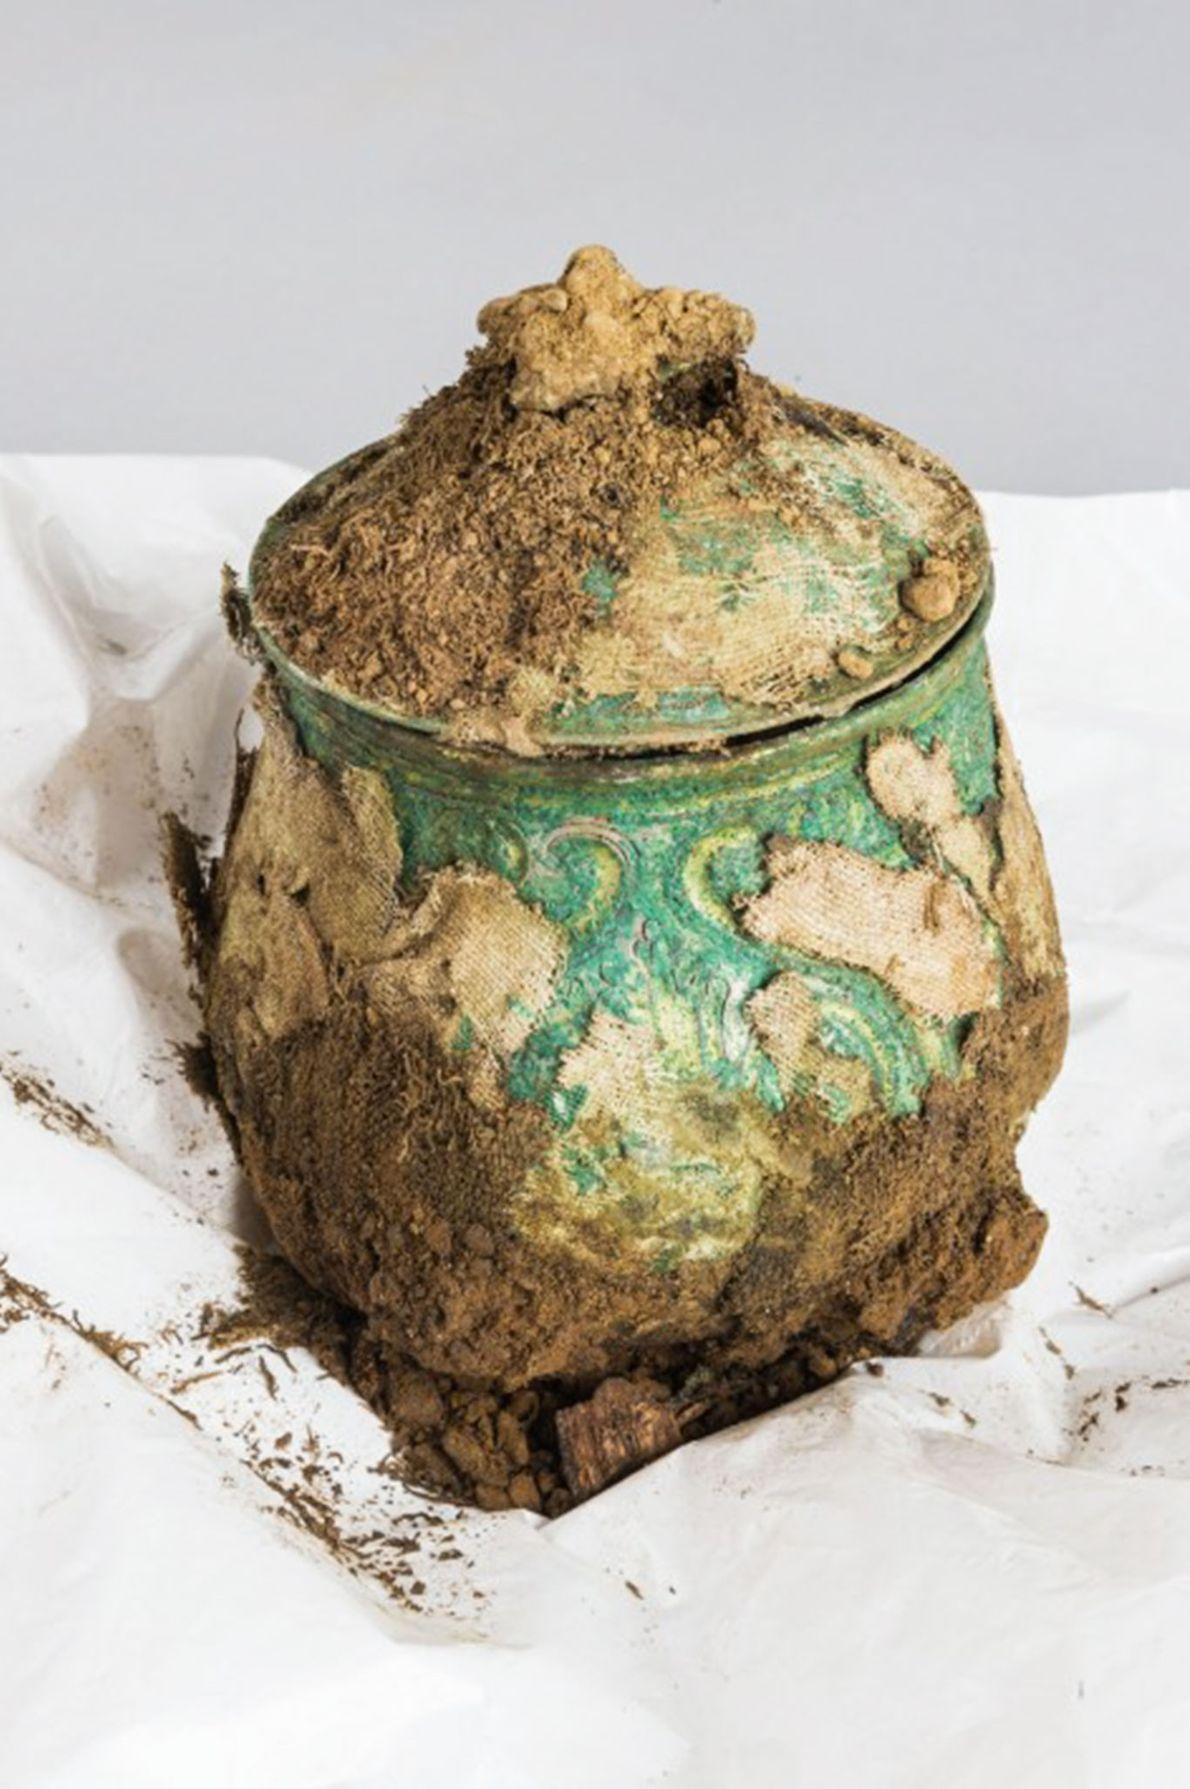 Image d'un pot contenant un trésor Viking